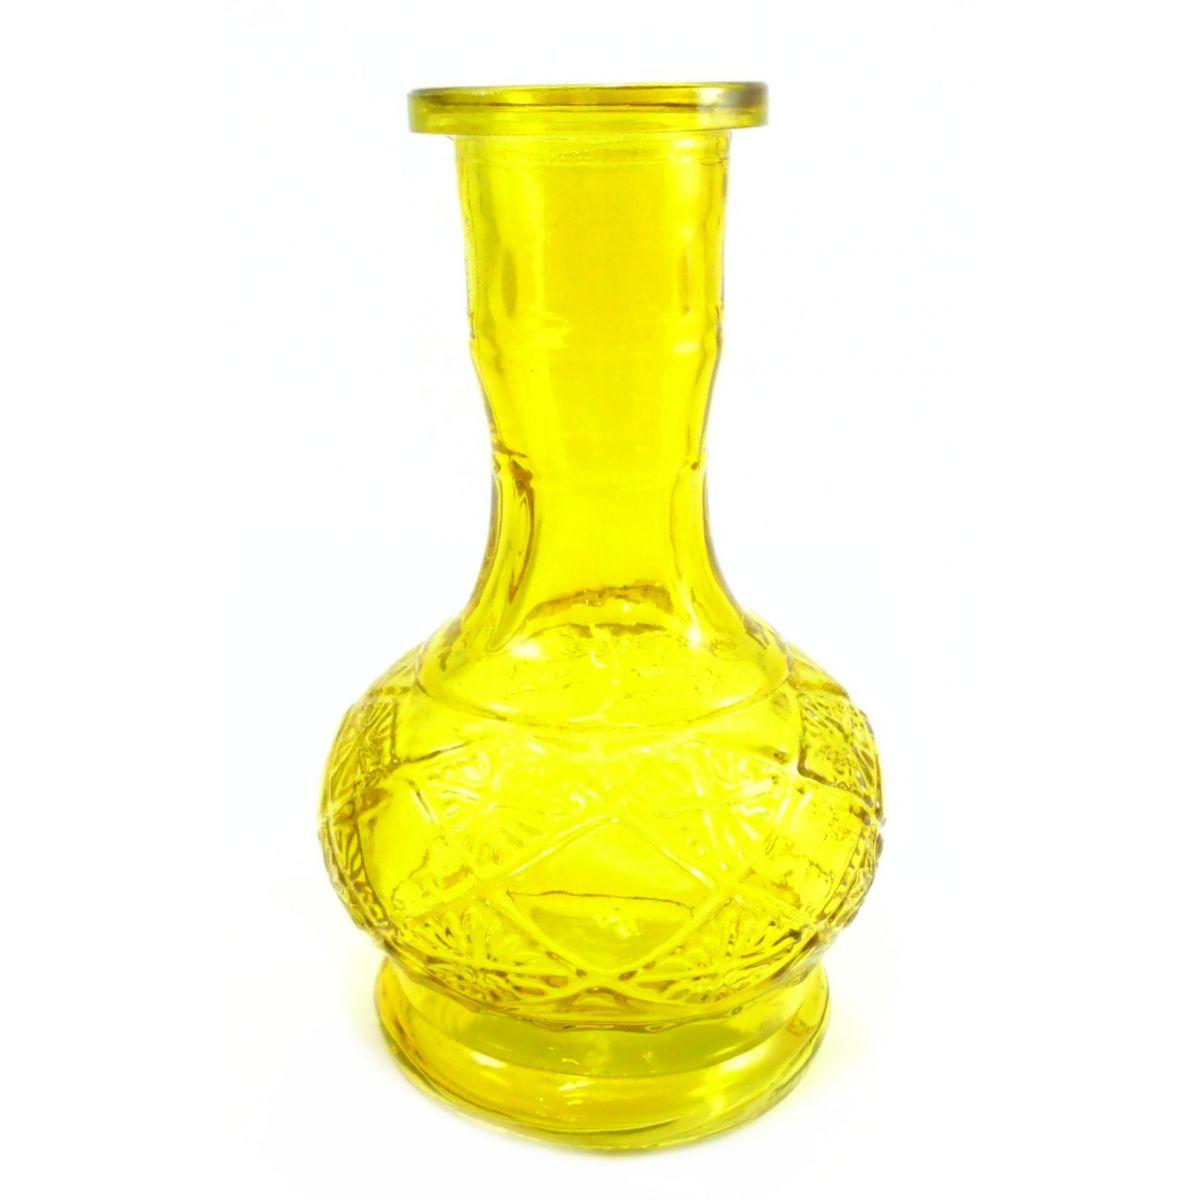 Vaso/base para narguile. 20cm altura e 3,7cm diâmetro do encaixe. Amarelo, vermelho ou verde.